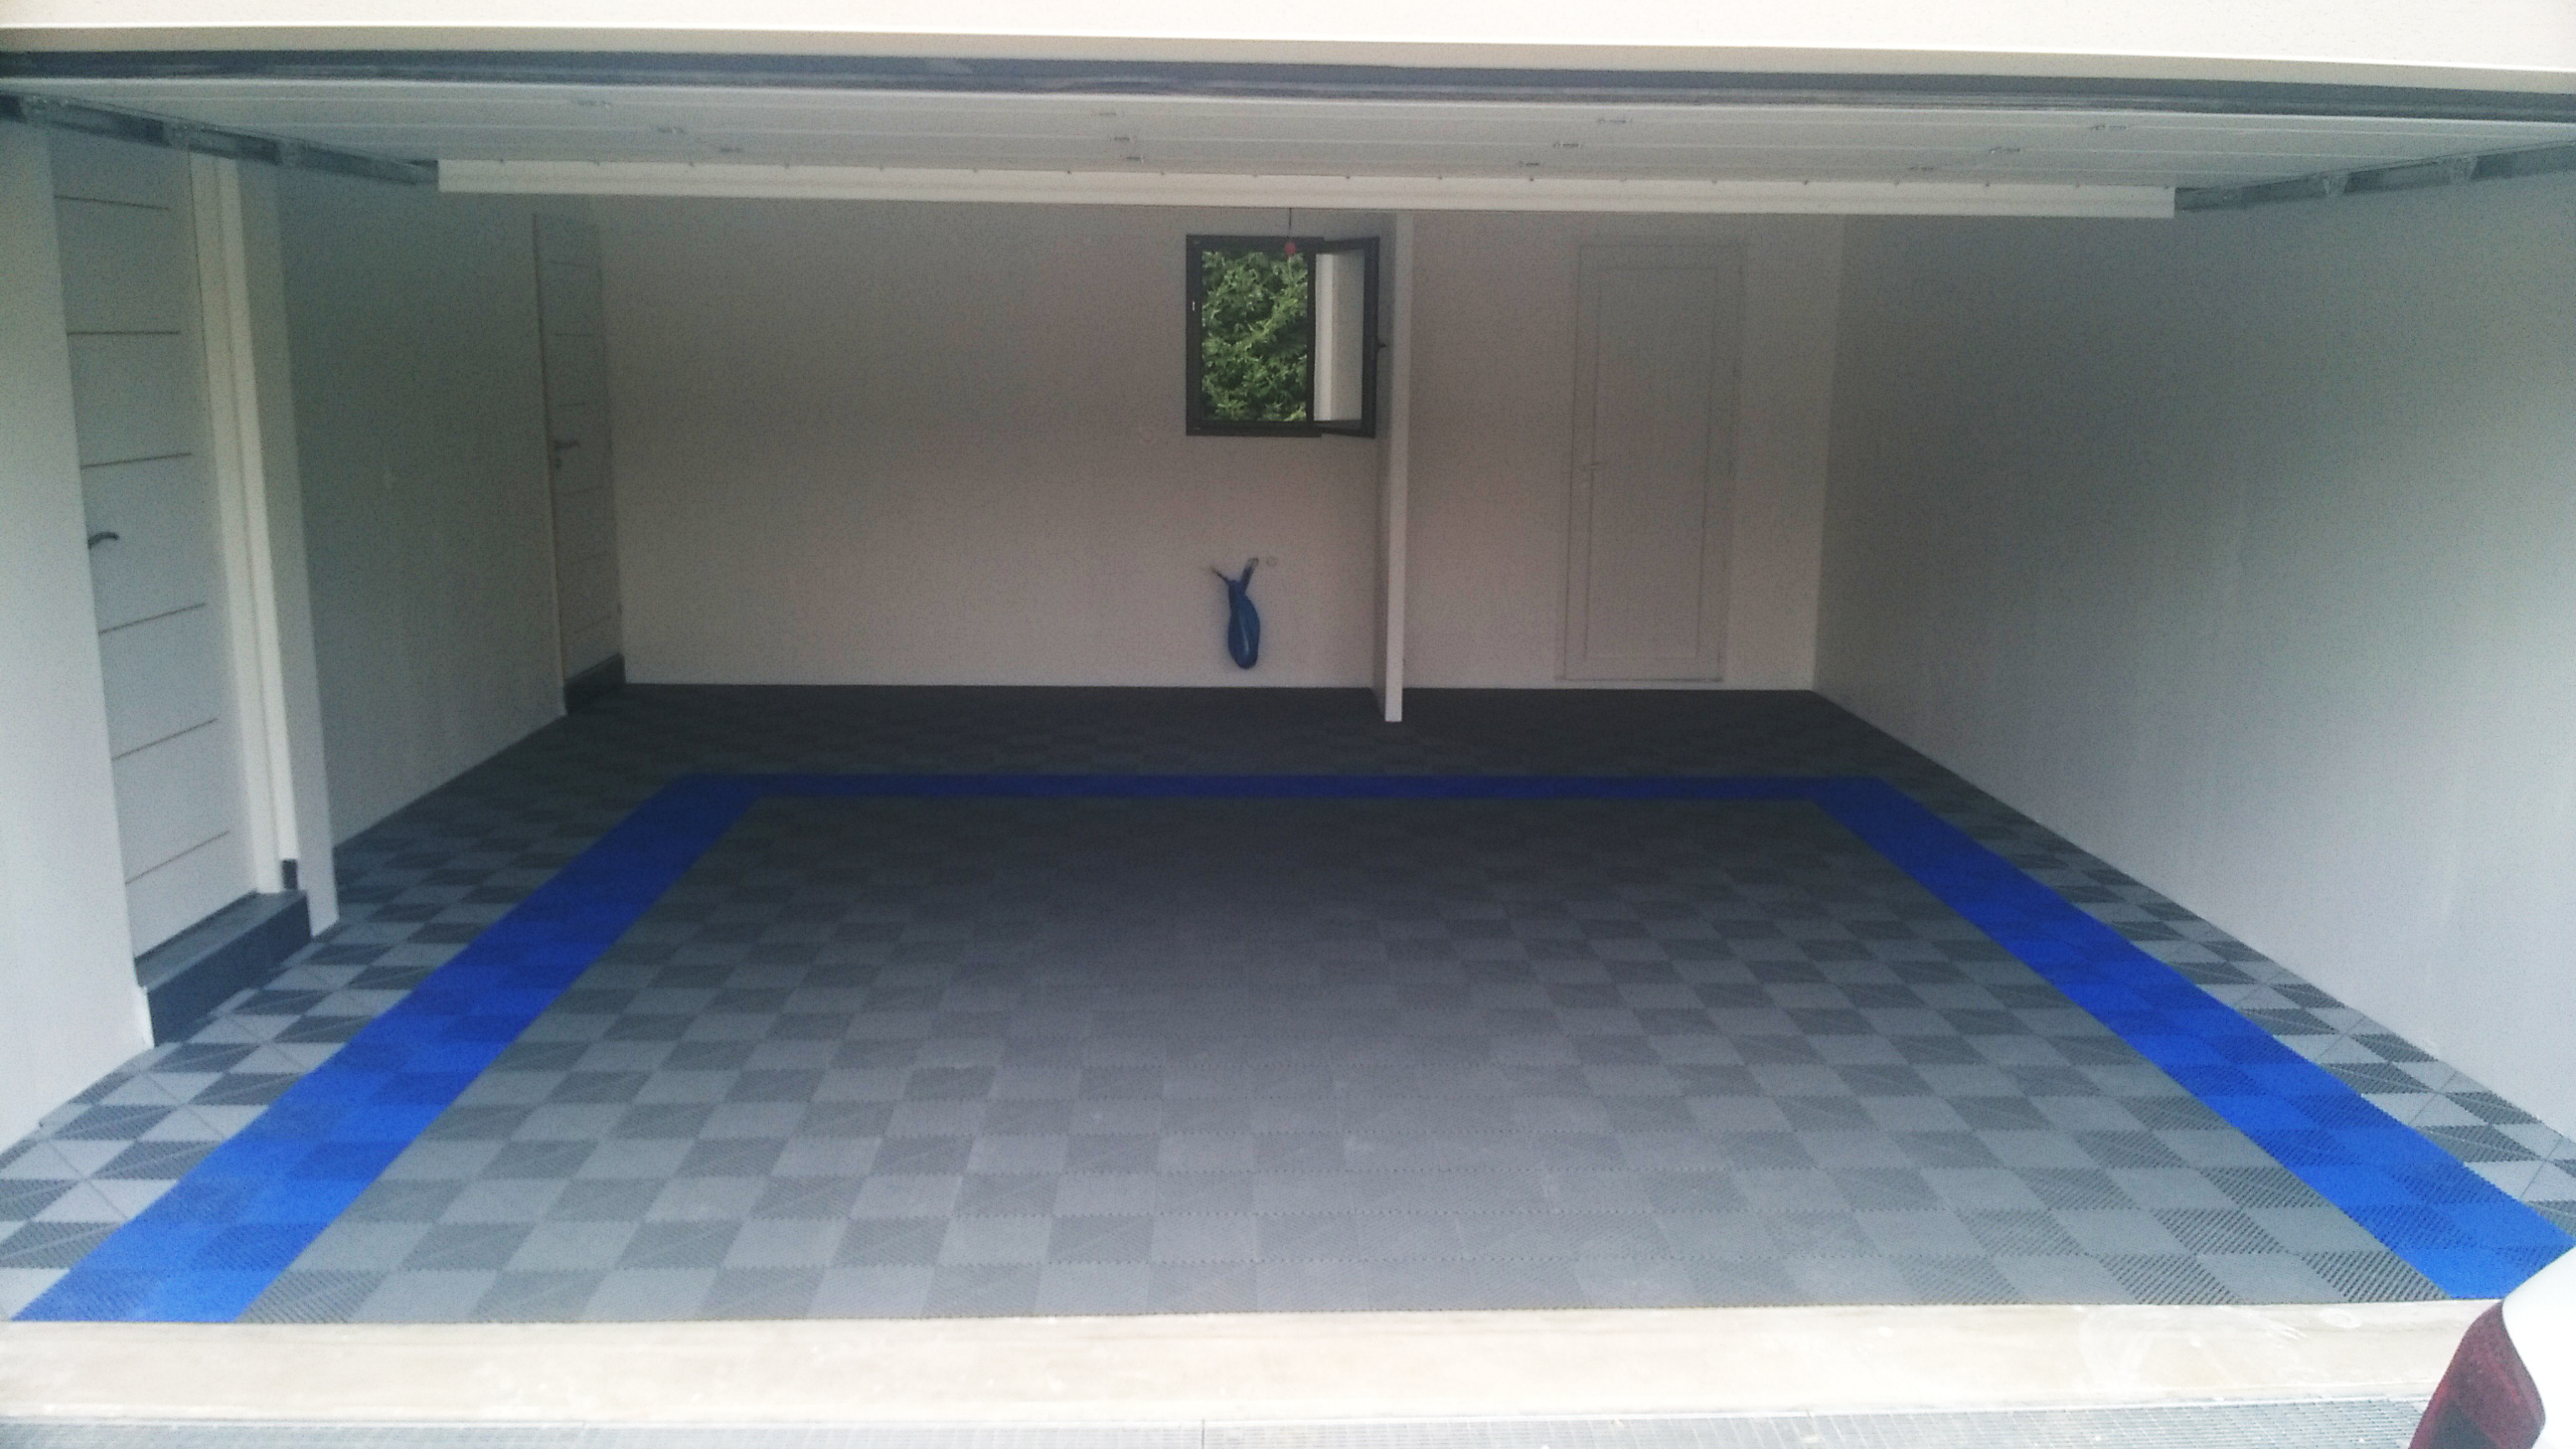 Revetement De Sol Pour Garage avis clients   dalle de sol   polydal qualité européenne